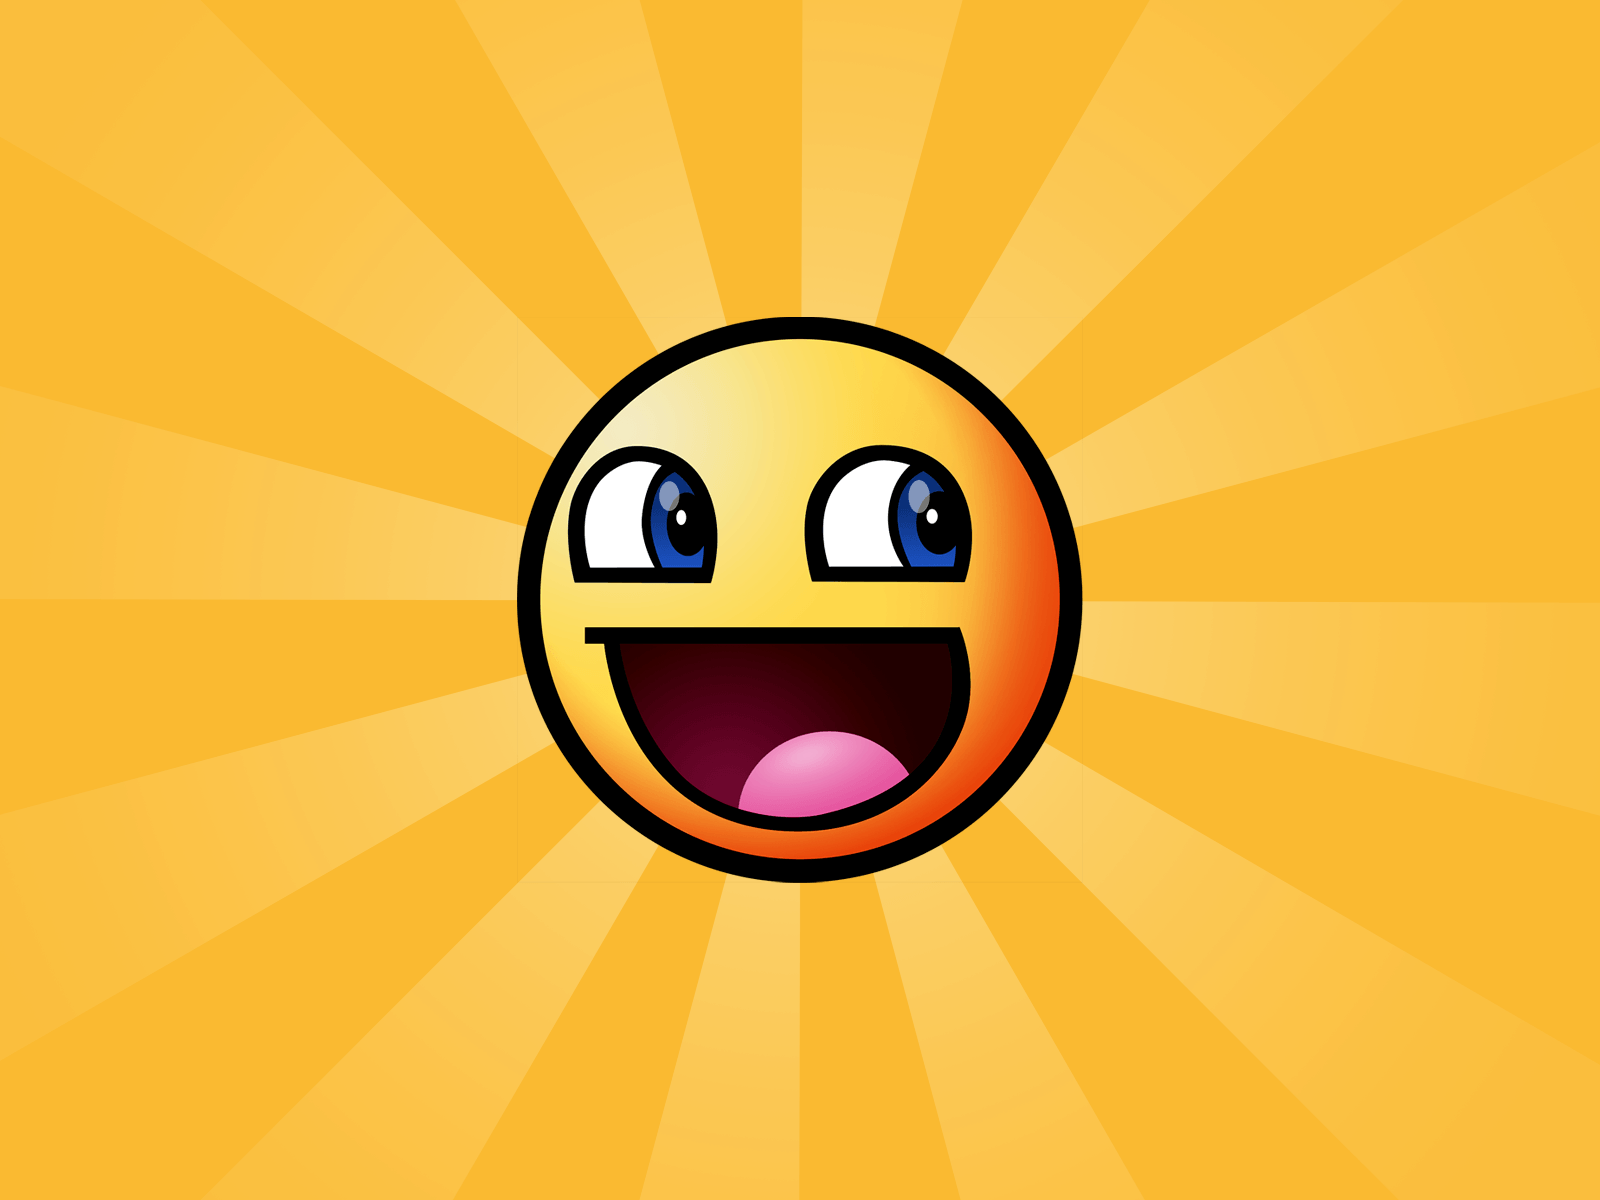 Afbeeldingsresultaat voor smiley face